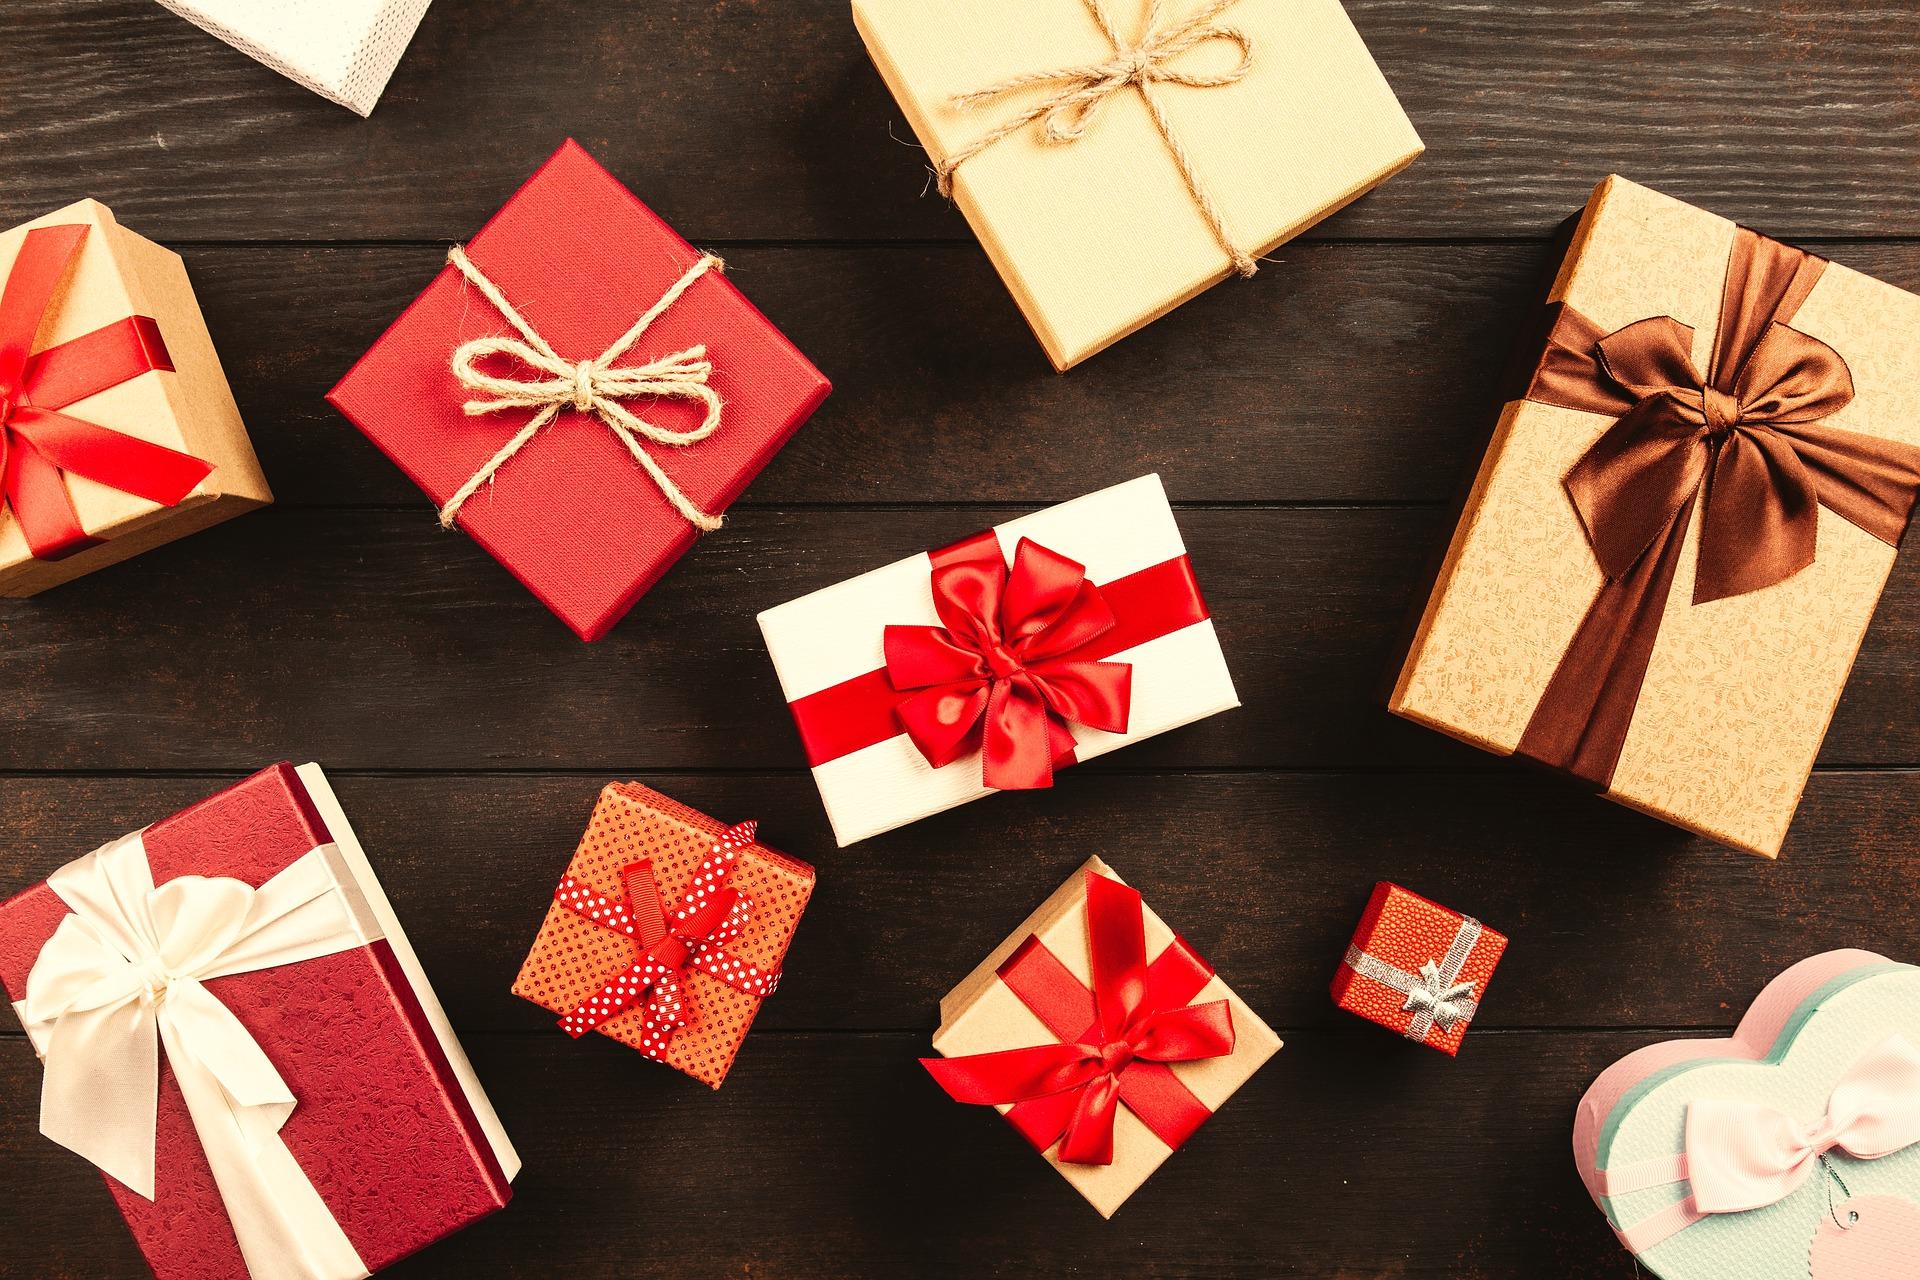 gift-3587235_1920.jpg